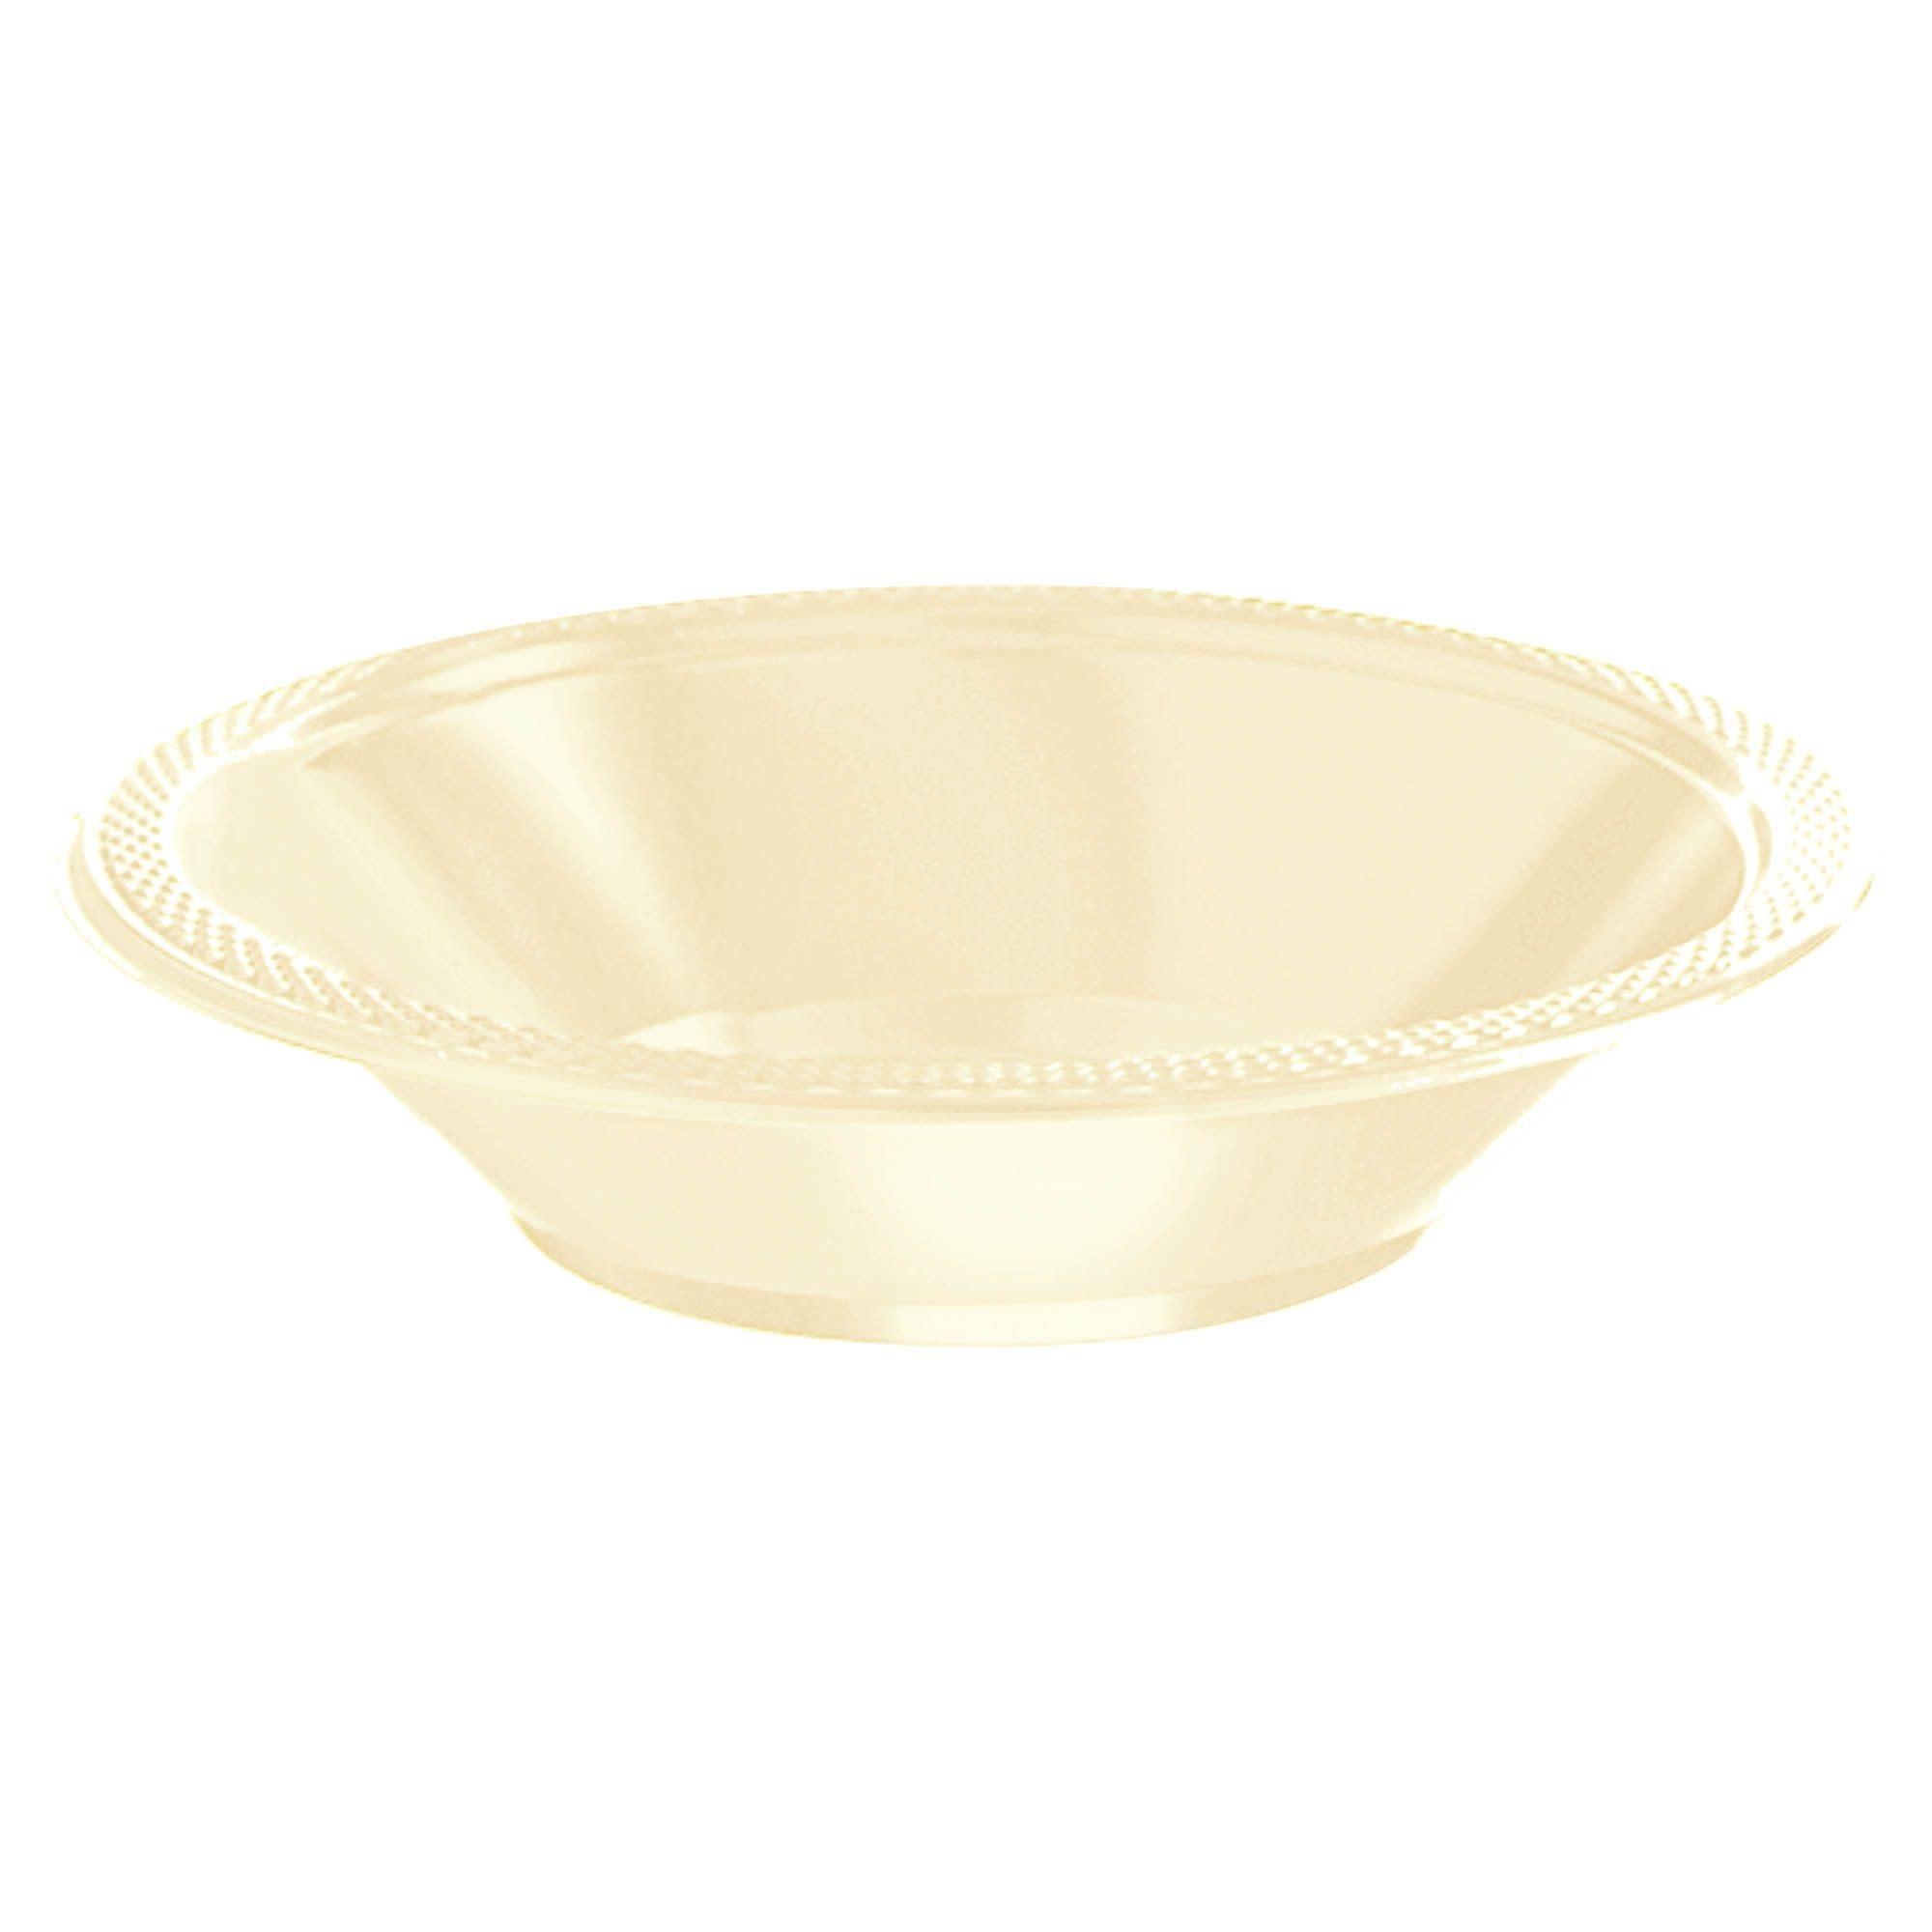 Vanilla Crème Plastic Bowls, 12oz.